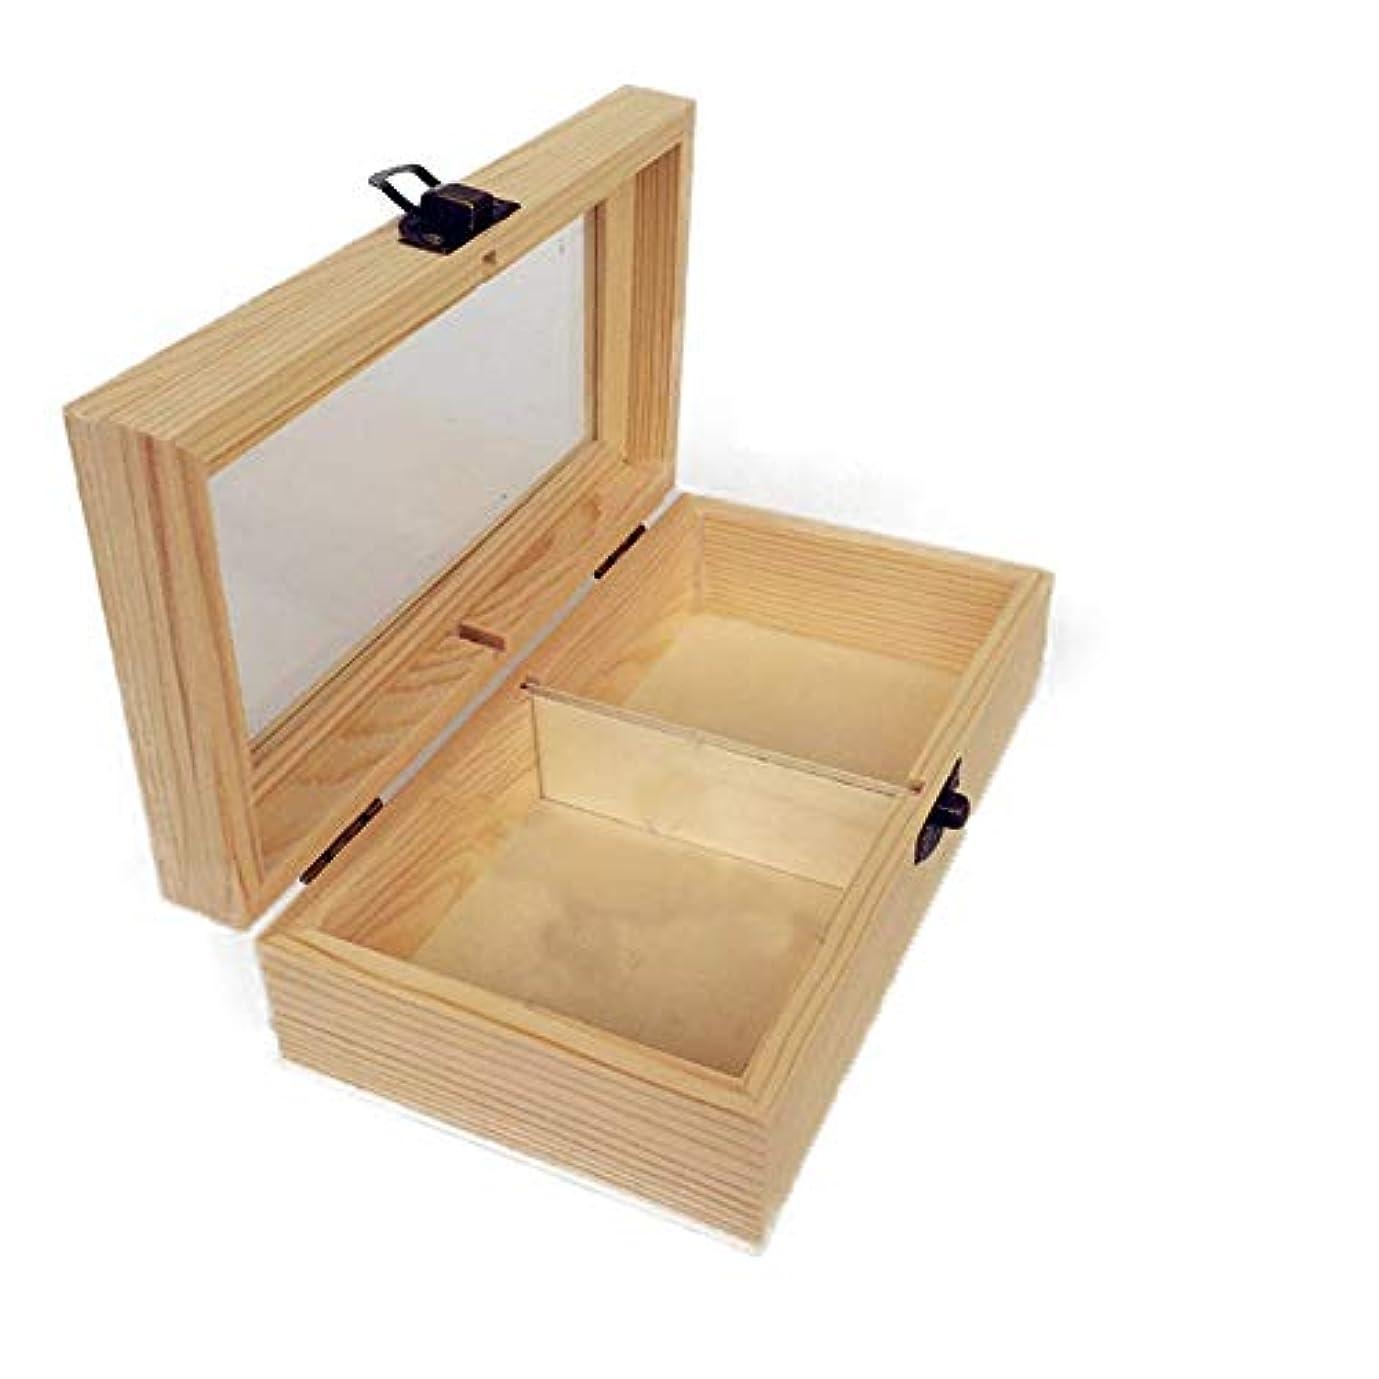 ようこそ純粋な堂々たるエッセンシャルオイルの保管 プレゼンテーションのために手作りの木製ギフトボックスパーフェクトエッセンシャルオイルケースにエッセンシャルオイルは、被害太陽光からあなたの油を保護します (色 : Natural, サイズ : 18X10X5.5CM)